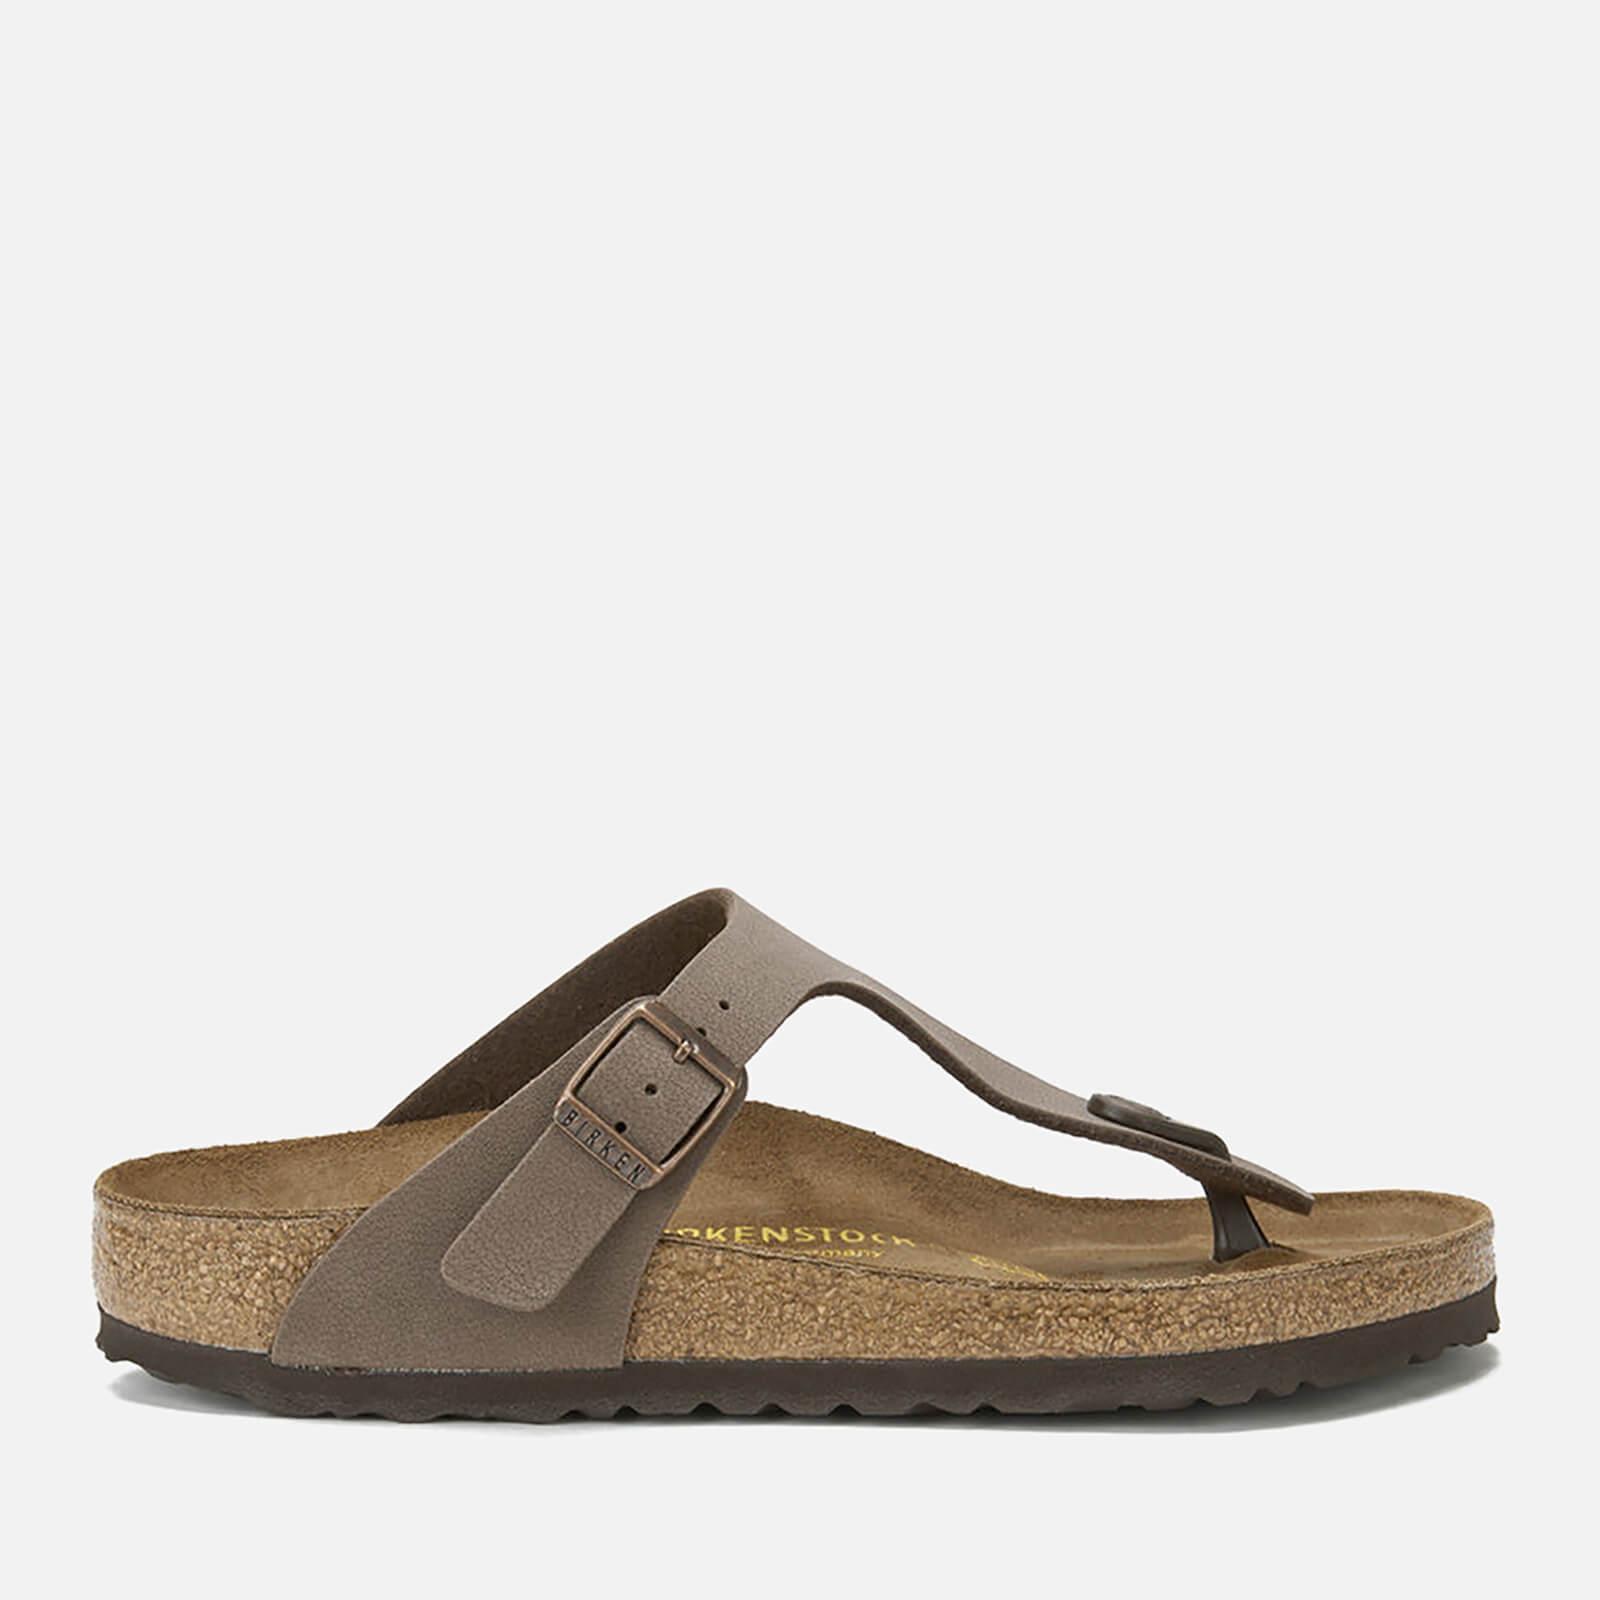 Birkenstock Women's Gizeh Toe-Post Leather Sandals - Mocha - EU 39/UK 5.5